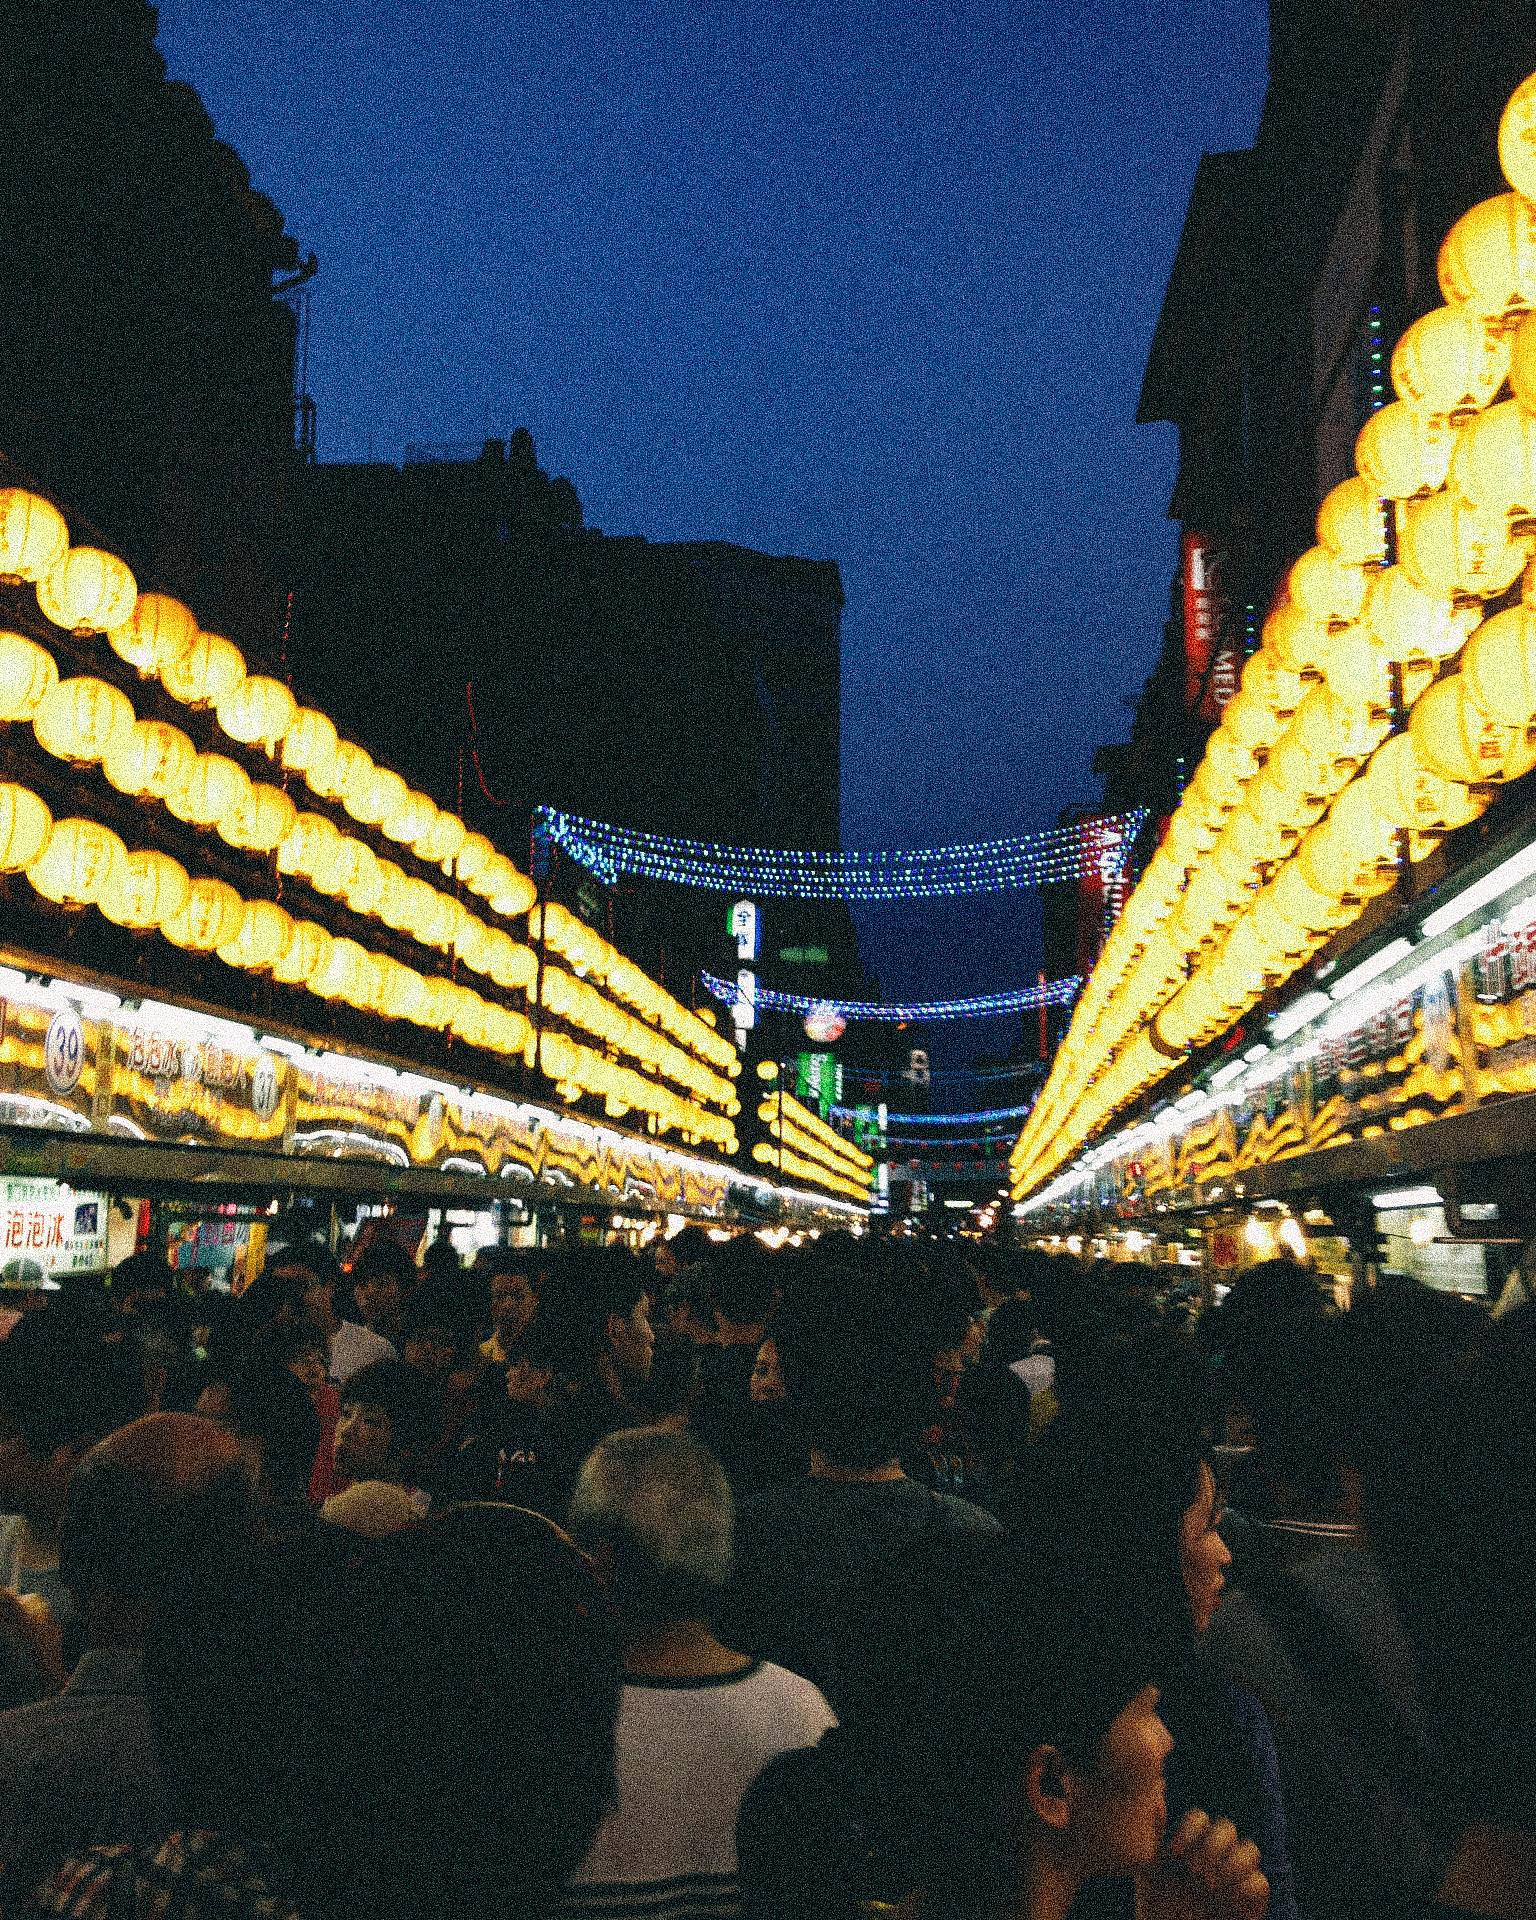 Miaokou Night Market crowds